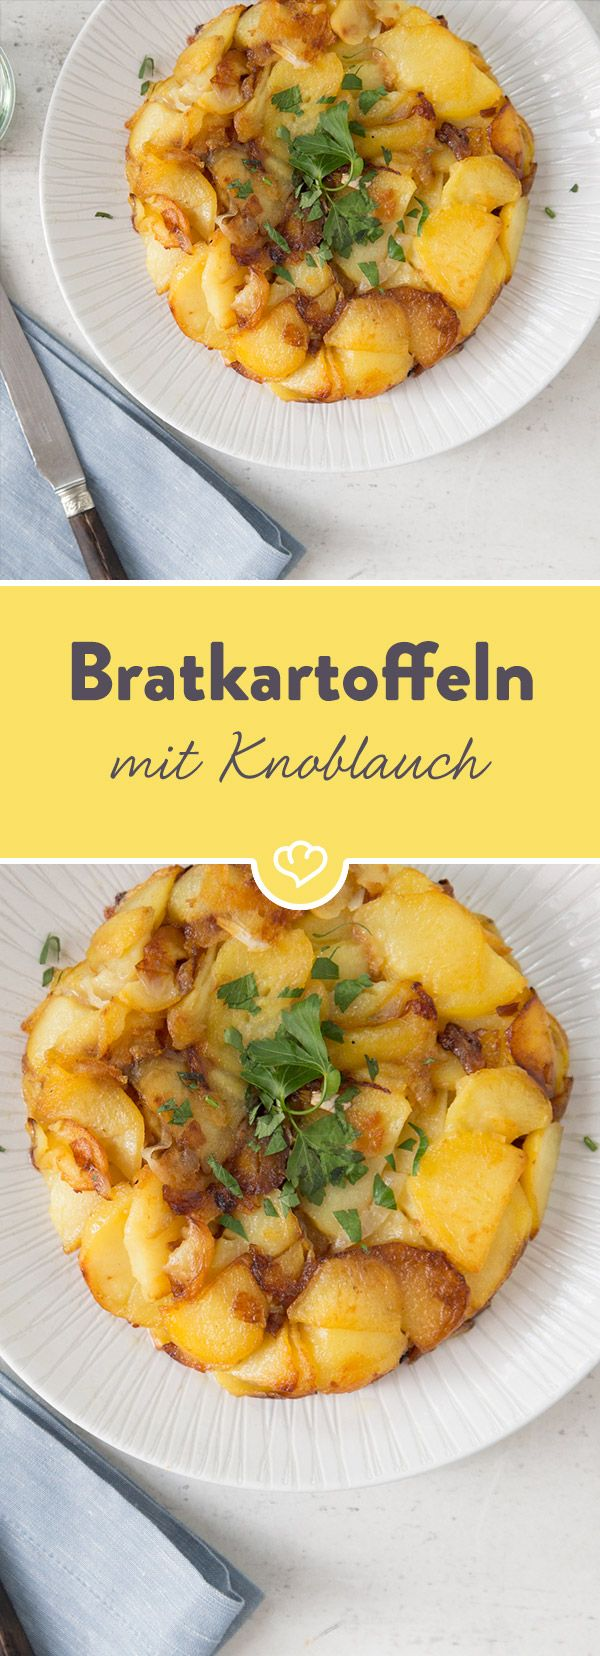 Zur Abwechslung präsentiert sich der Kartoffelklassiker in runder Form. Und zwar als Bratkartoffelkuchen - mit Knoblauch und Petersilie verfeinert.